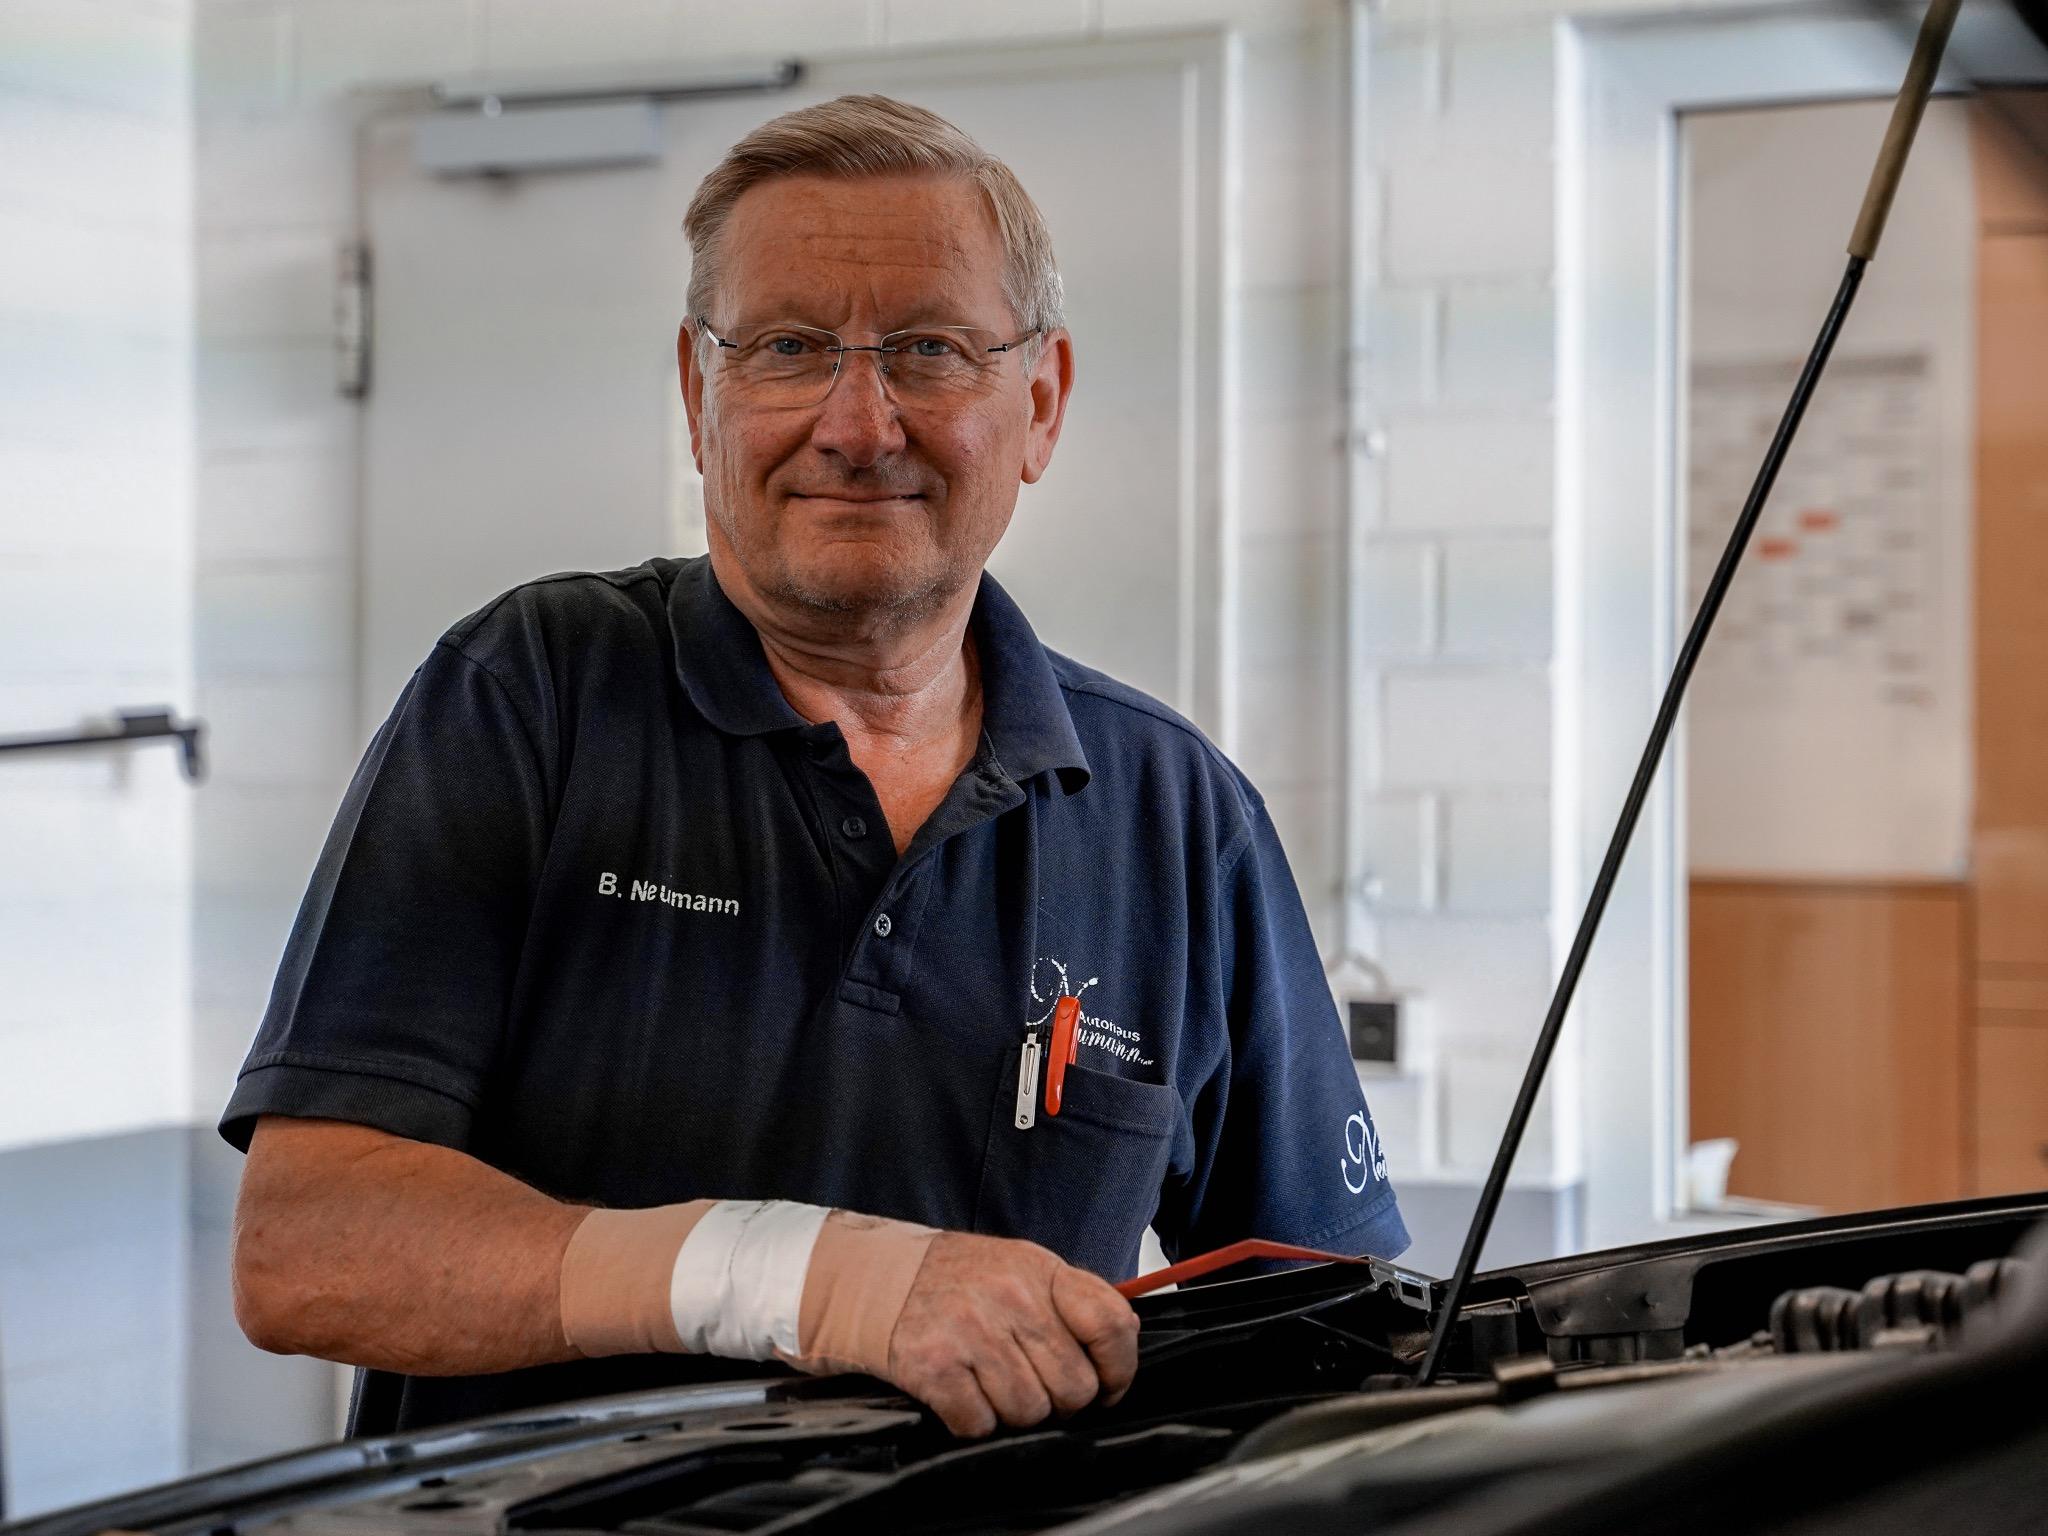 Inhaber von Autohaus Neumann seit 1983: Berthold Neumann. Foto: Konstantin Winter